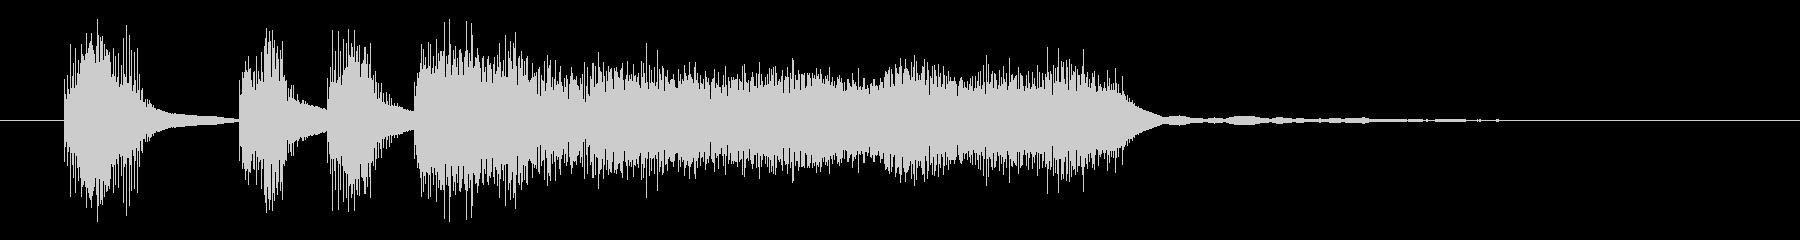 ファンファーレ成功(歓声なし)の未再生の波形